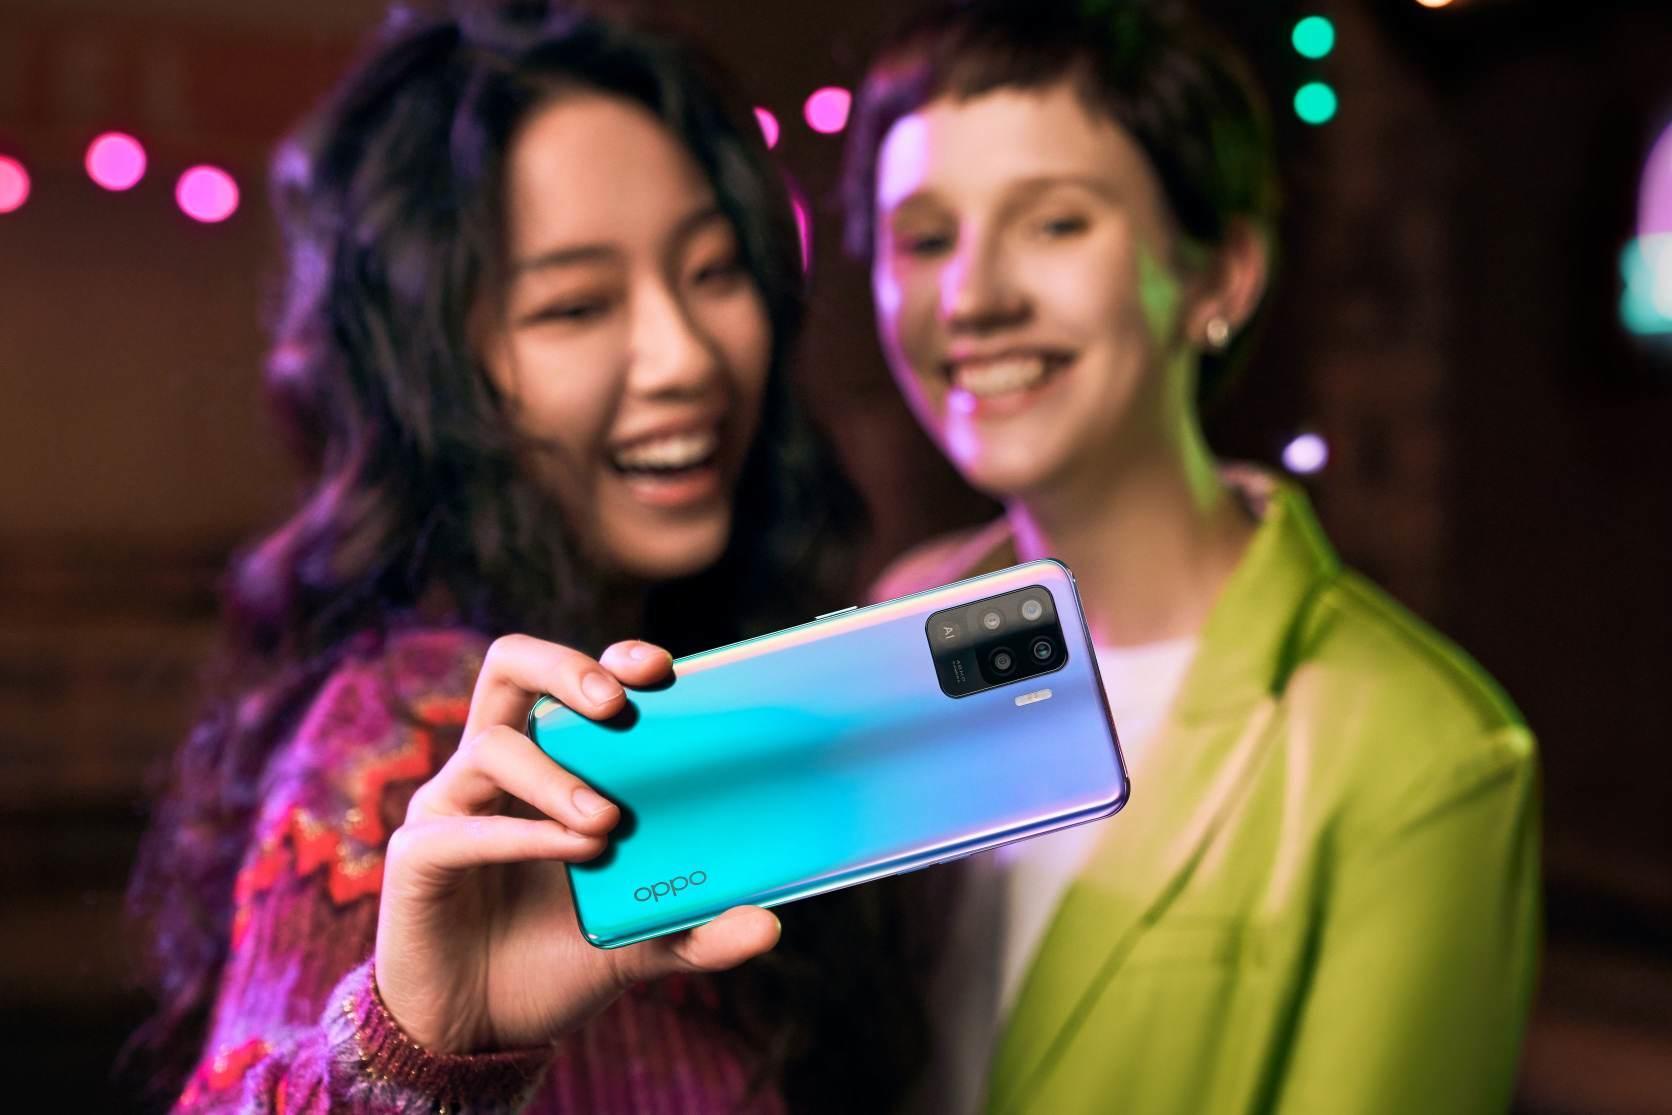 OPPO A94 ra mắt giá 7,7 triệu: tính năng camera mới, sạc nhanh VOOC 4.0 30W